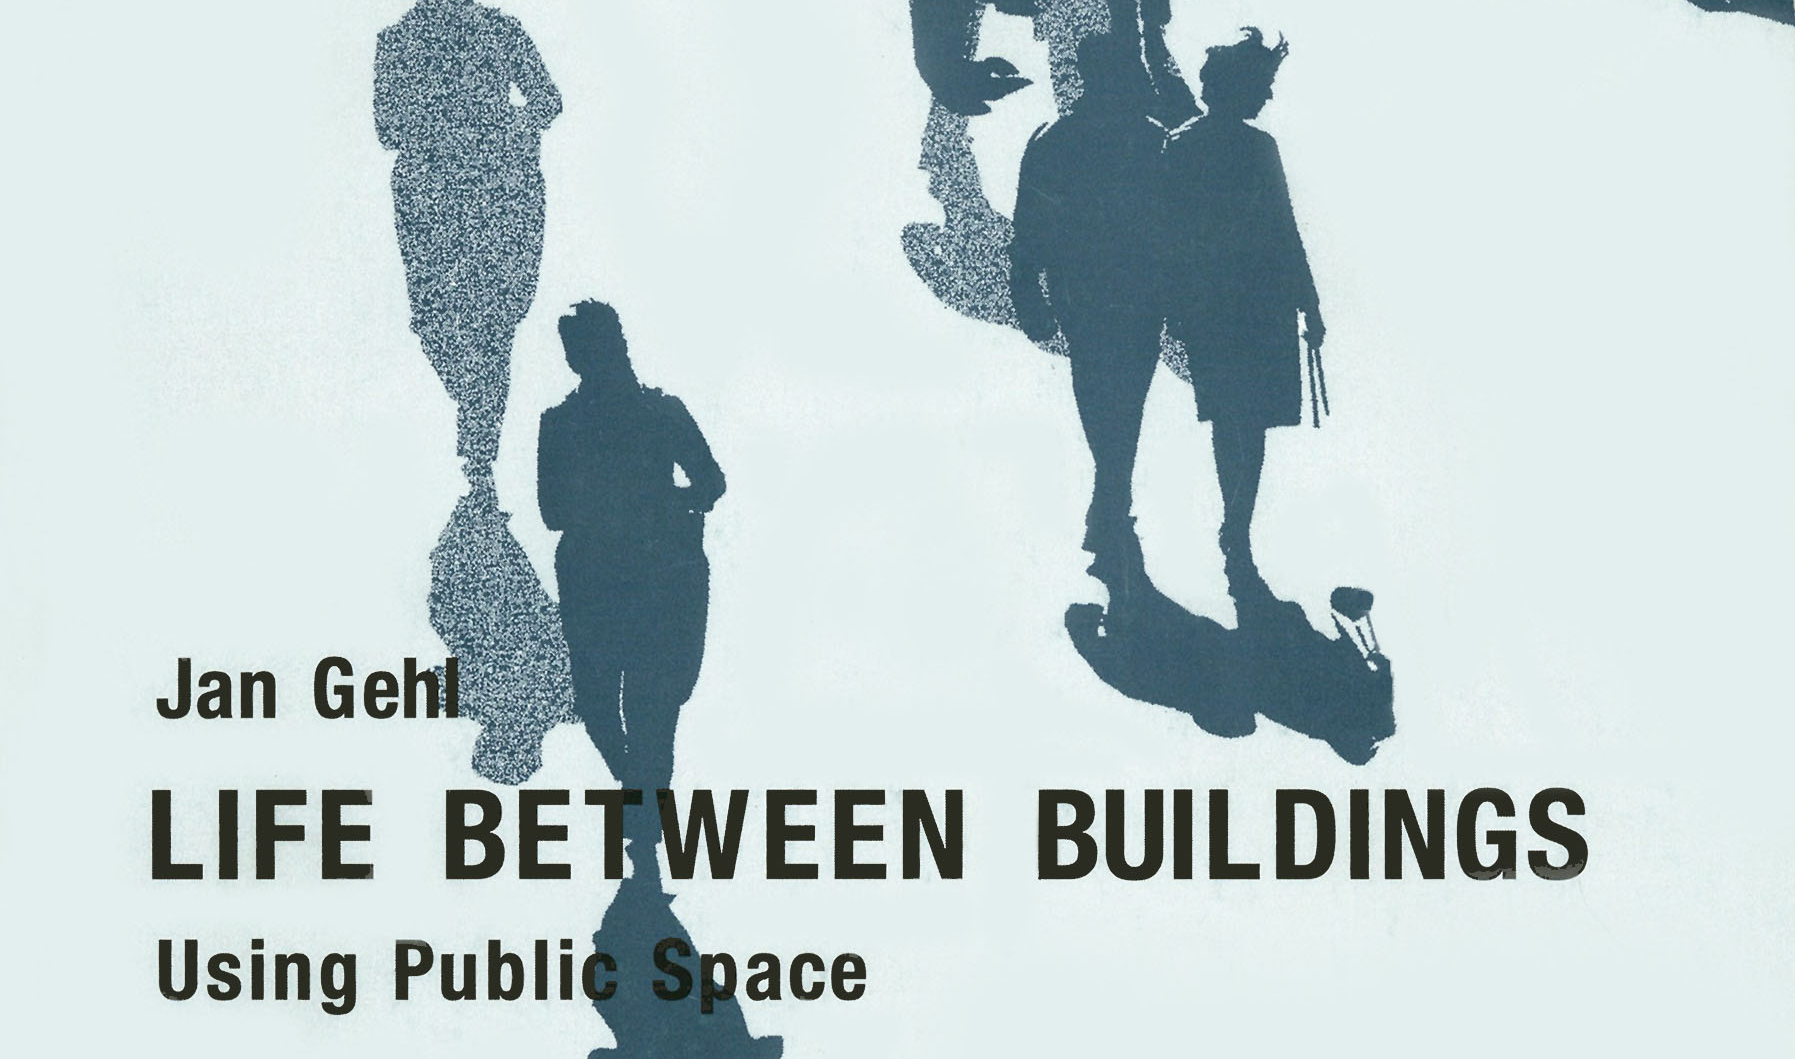 L'architecte danois a publié un livre sous le même nom © Jan Gehl Architects